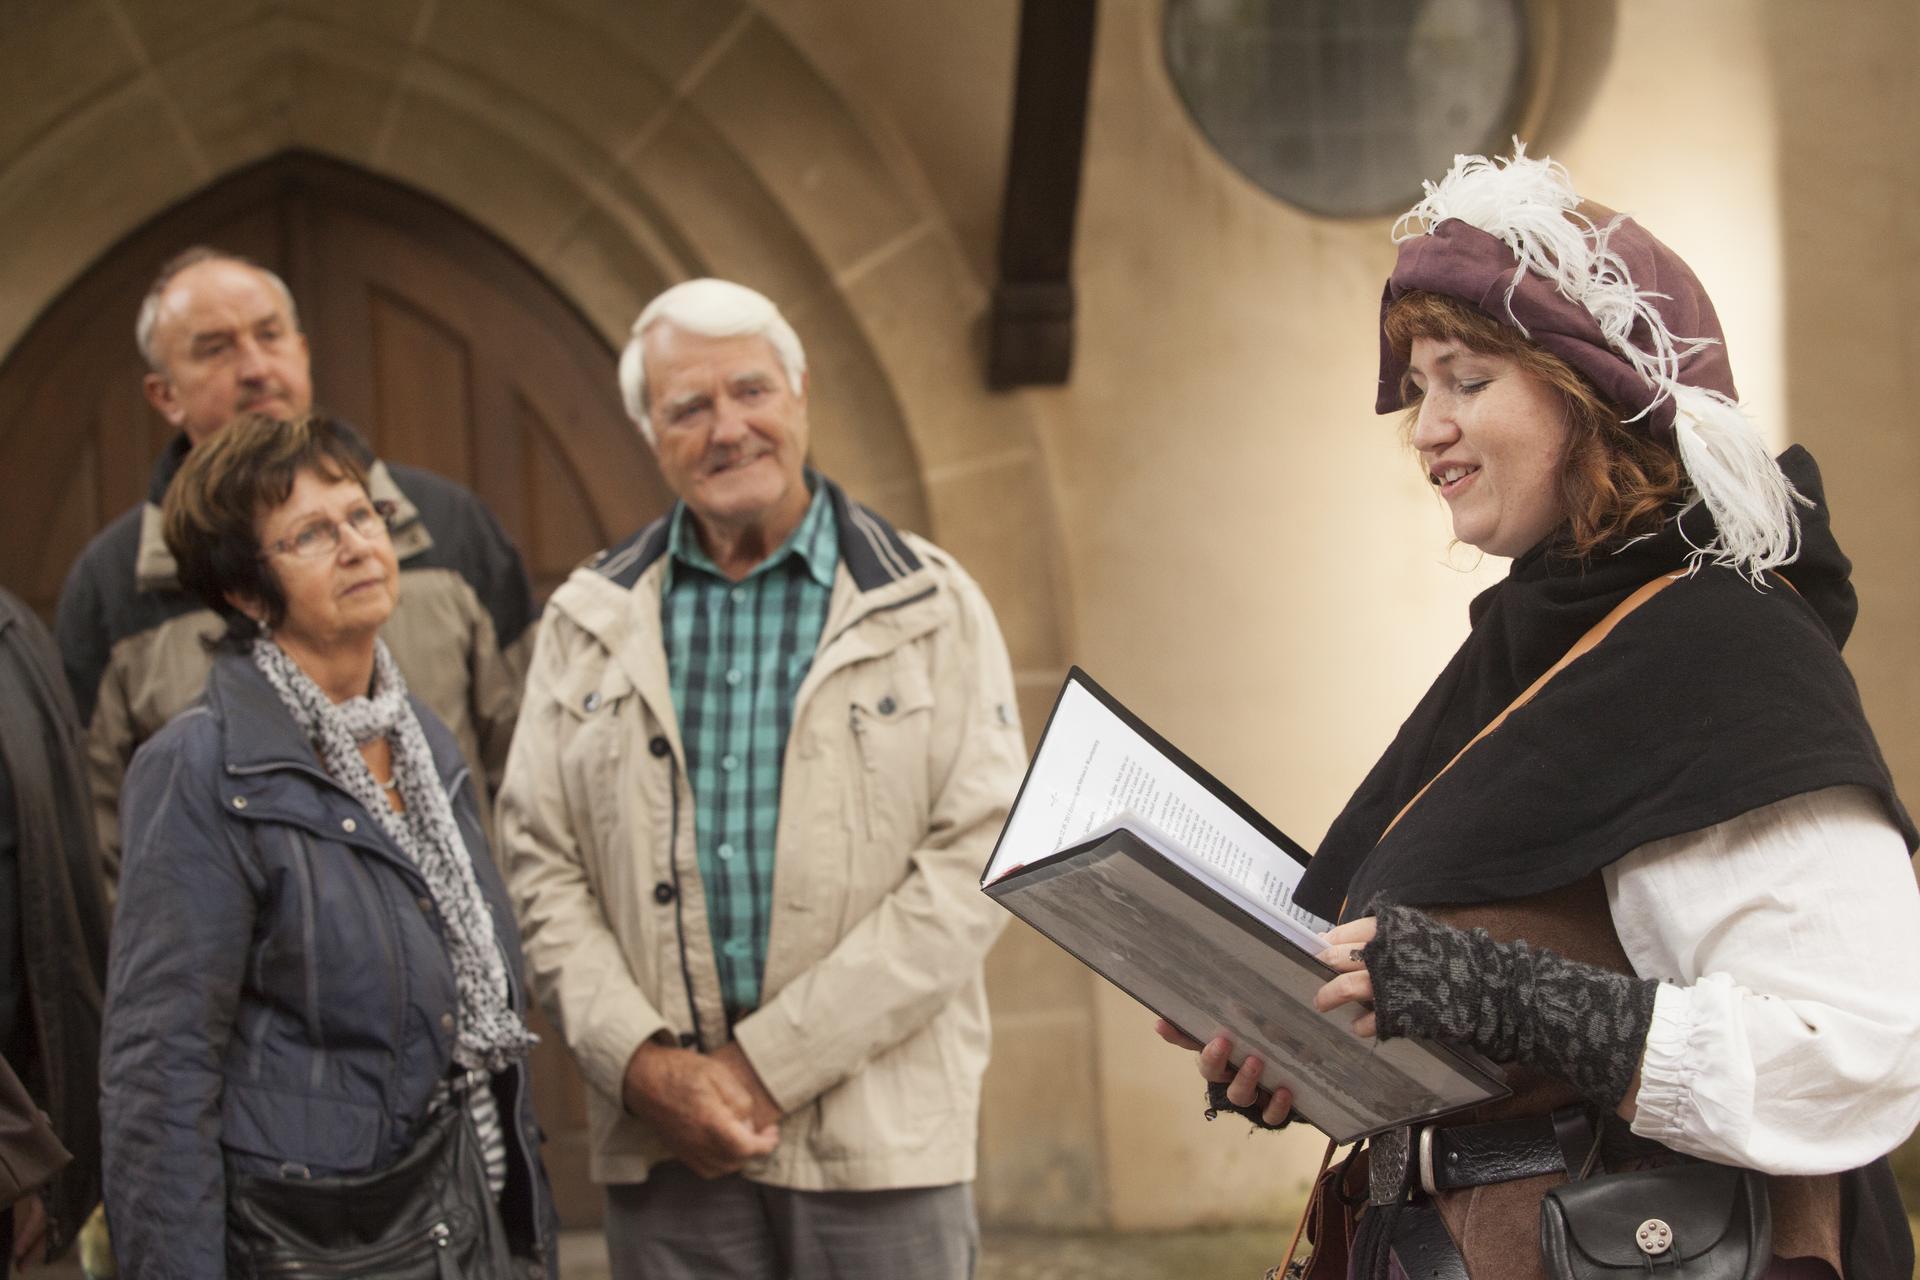 Eine Person in einem mittelalterlichen Kostüm liest lächelnd in einem Buch. Neben ihr stehen verschwommen Personen, die ihr zuhören.